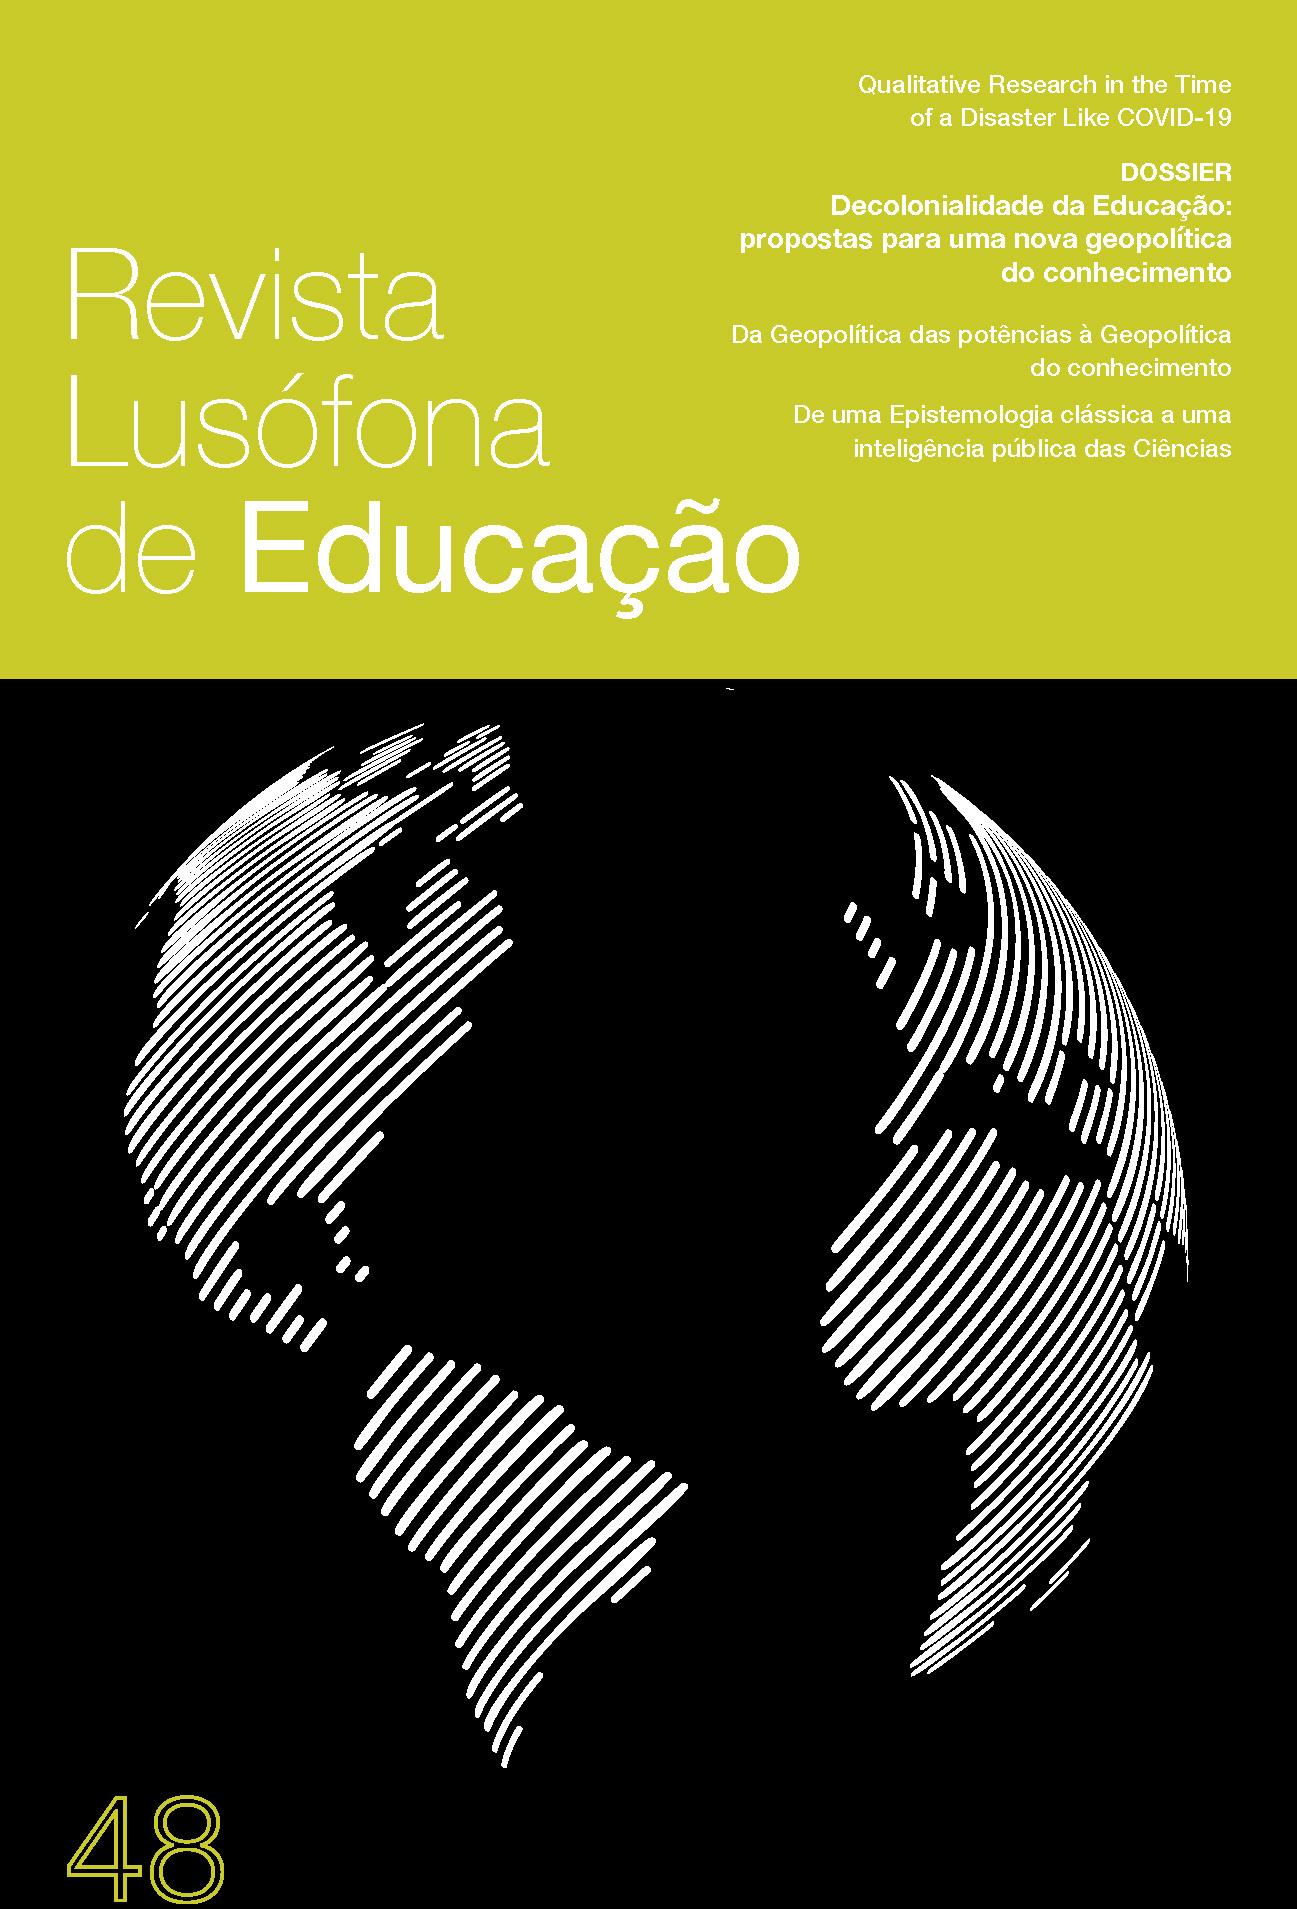 Revista Lusófona de Educação - 48